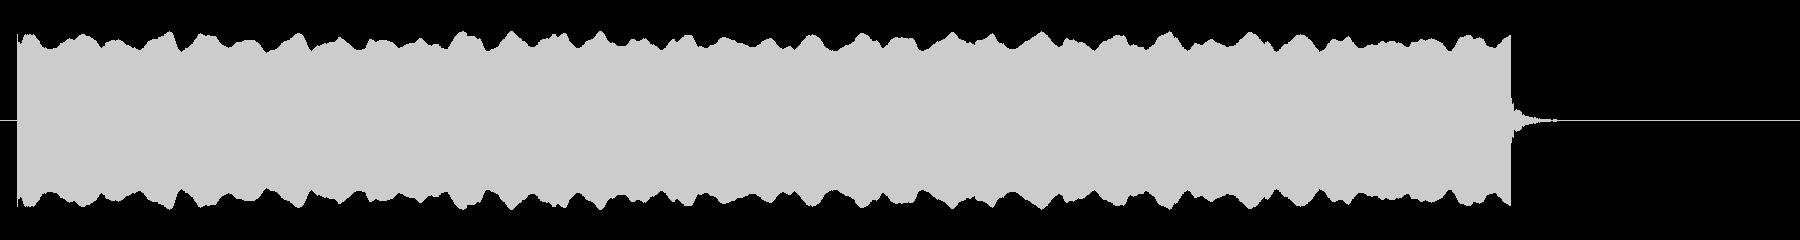 心停止の心電図音-Bの未再生の波形